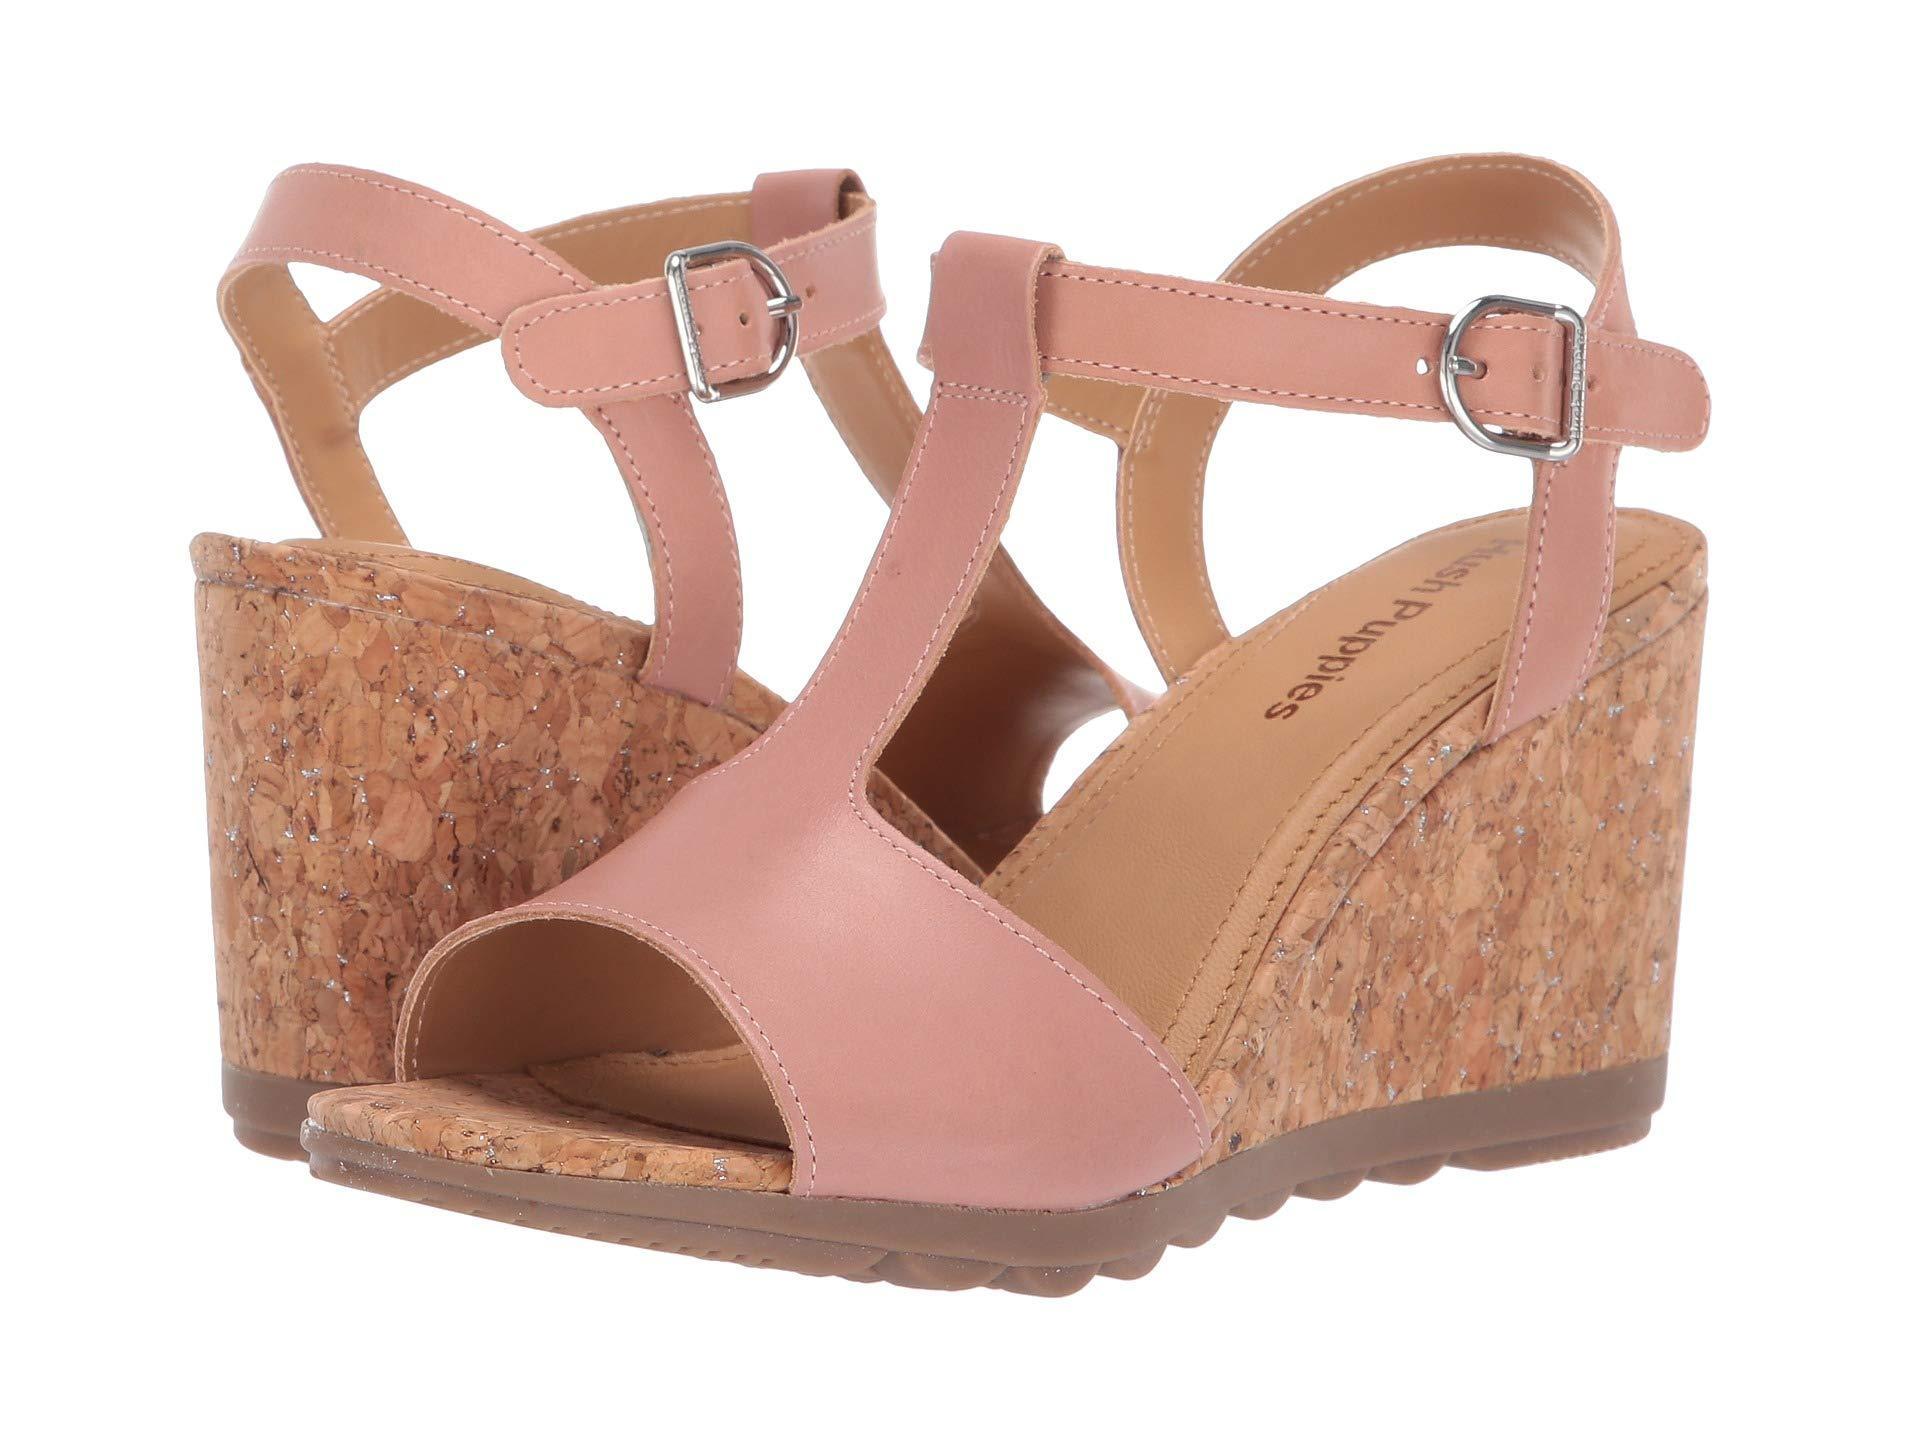 240c344d64445 Hush Puppies Pekingese T-strap (pale Peach Leather) Women's Sandals ...